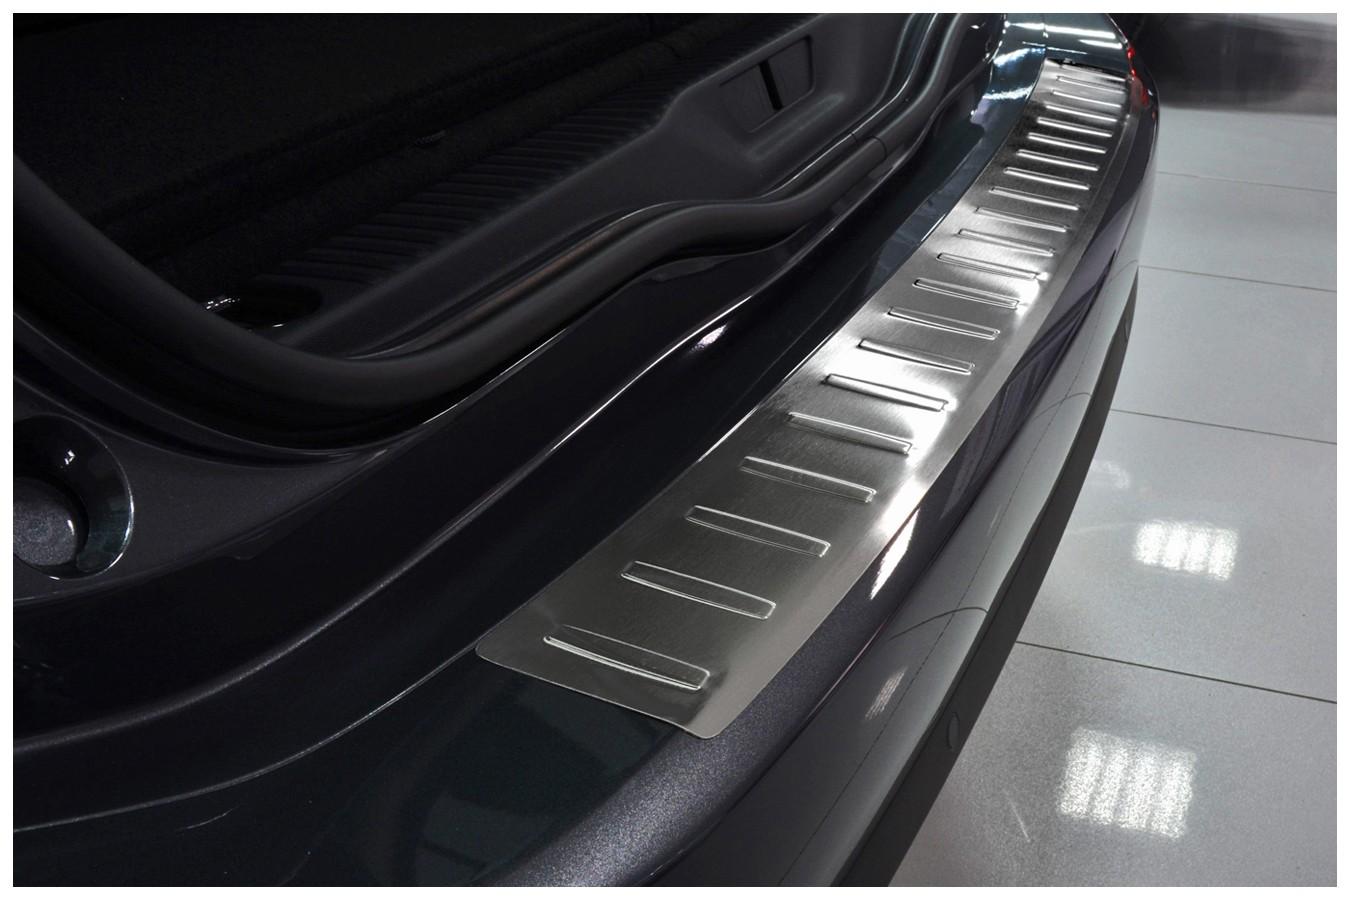 Inox Protezione Paraurti Per Citroen C4 Grand Picasso 2 Ii 2013 Protezione Paraurti Per Citroen